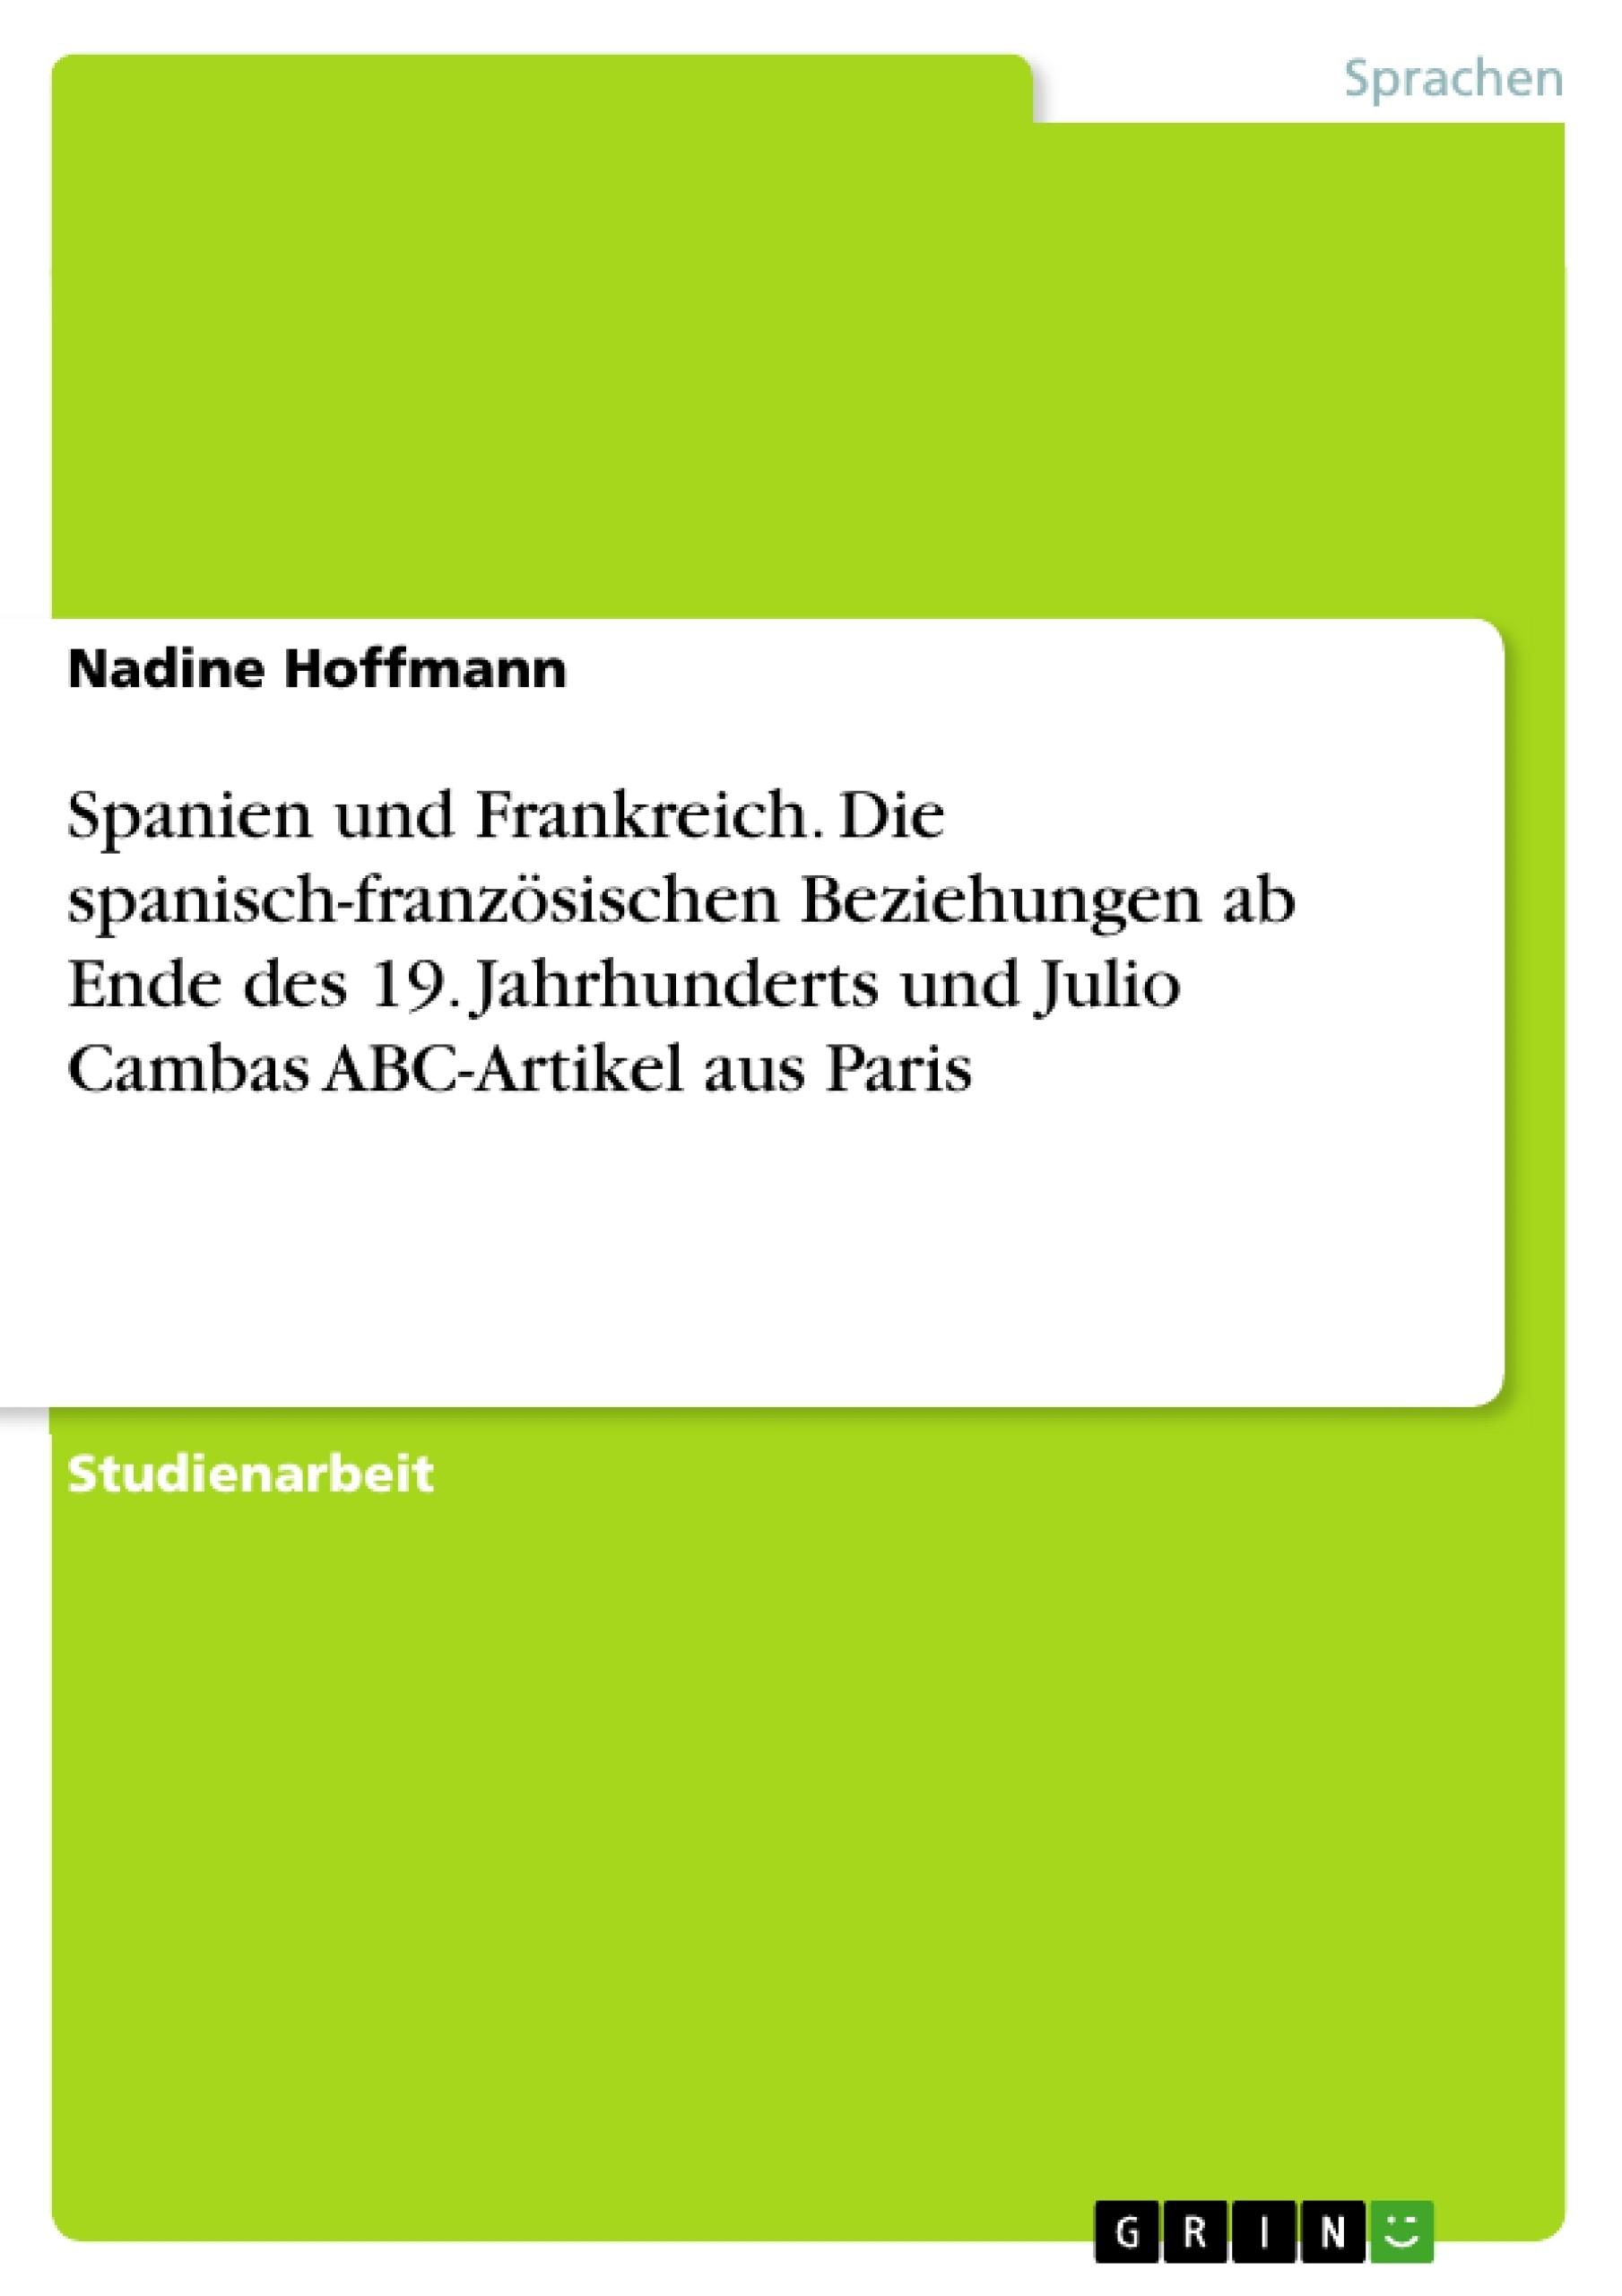 Titel: Spanien und Frankreich. Die spanisch-französischen Beziehungen ab Ende des 19. Jahrhunderts und Julio Cambas ABC-Artikel aus Paris